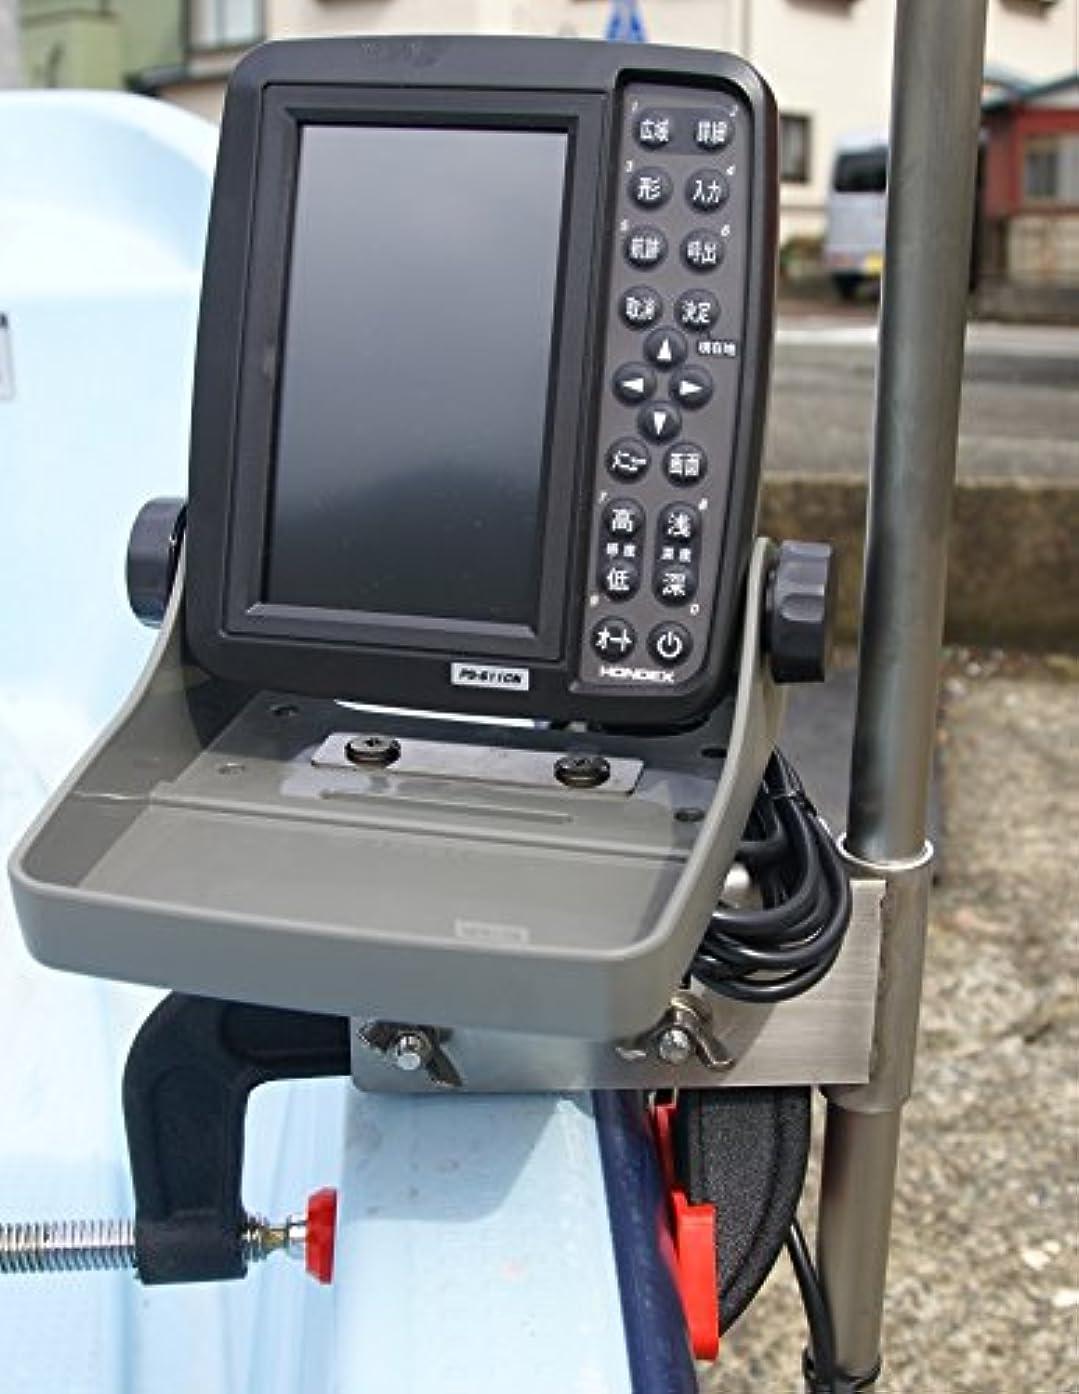 タック泥沼コーラスHONDEX GPS魚探 PS-611CN 万能パイプ エアーブラケット セット タイプT